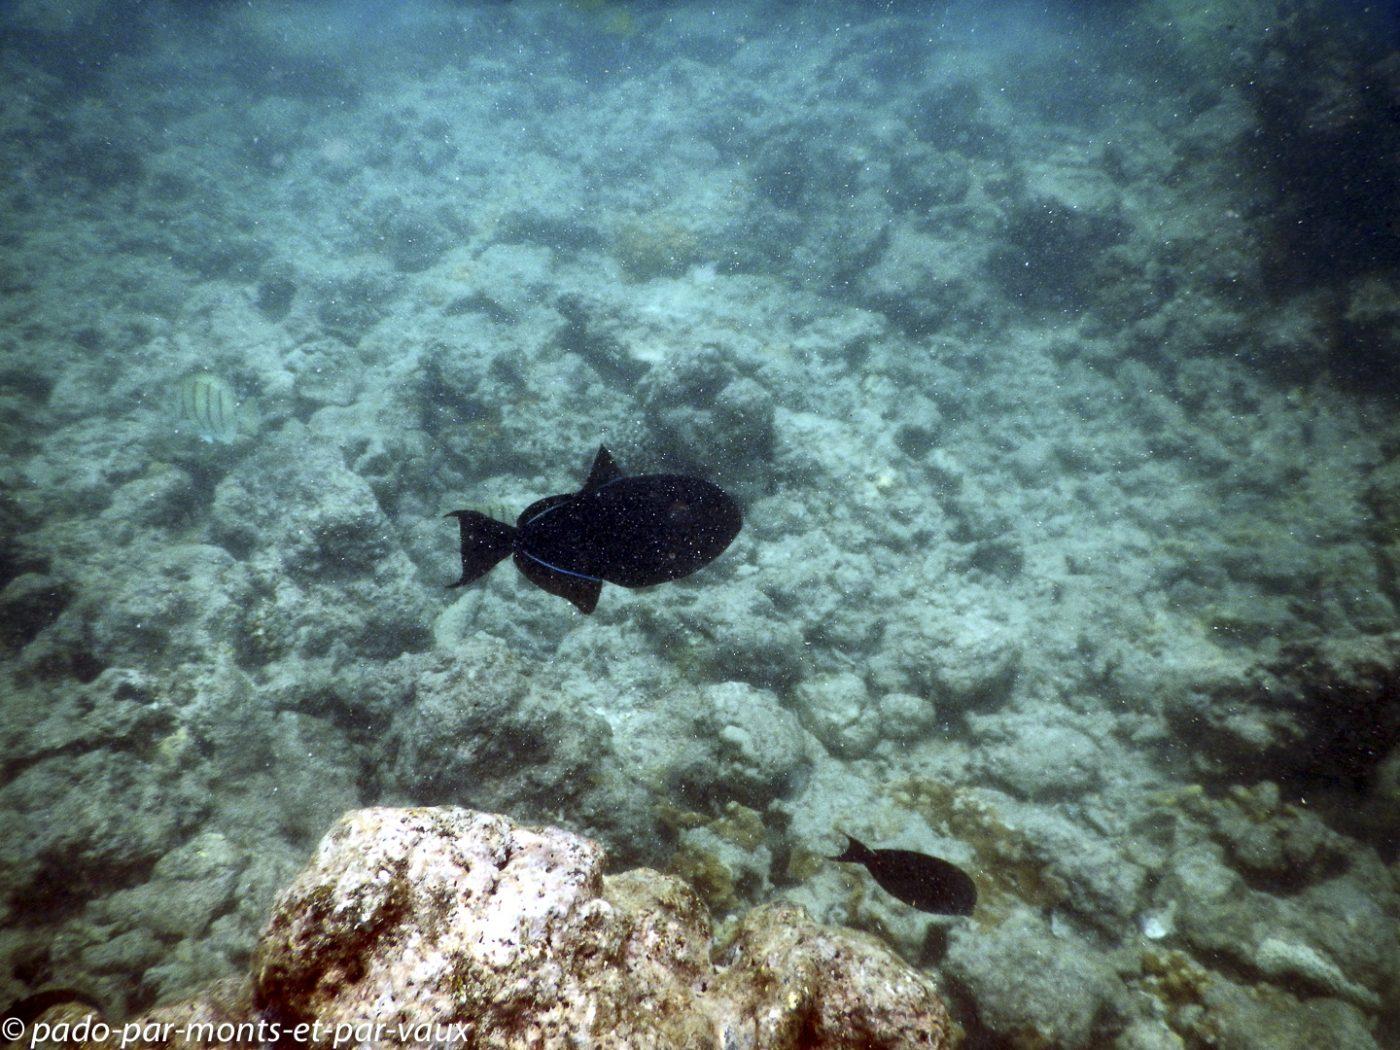 Maui -  Ahihi kina'u reserve - Baliste noir